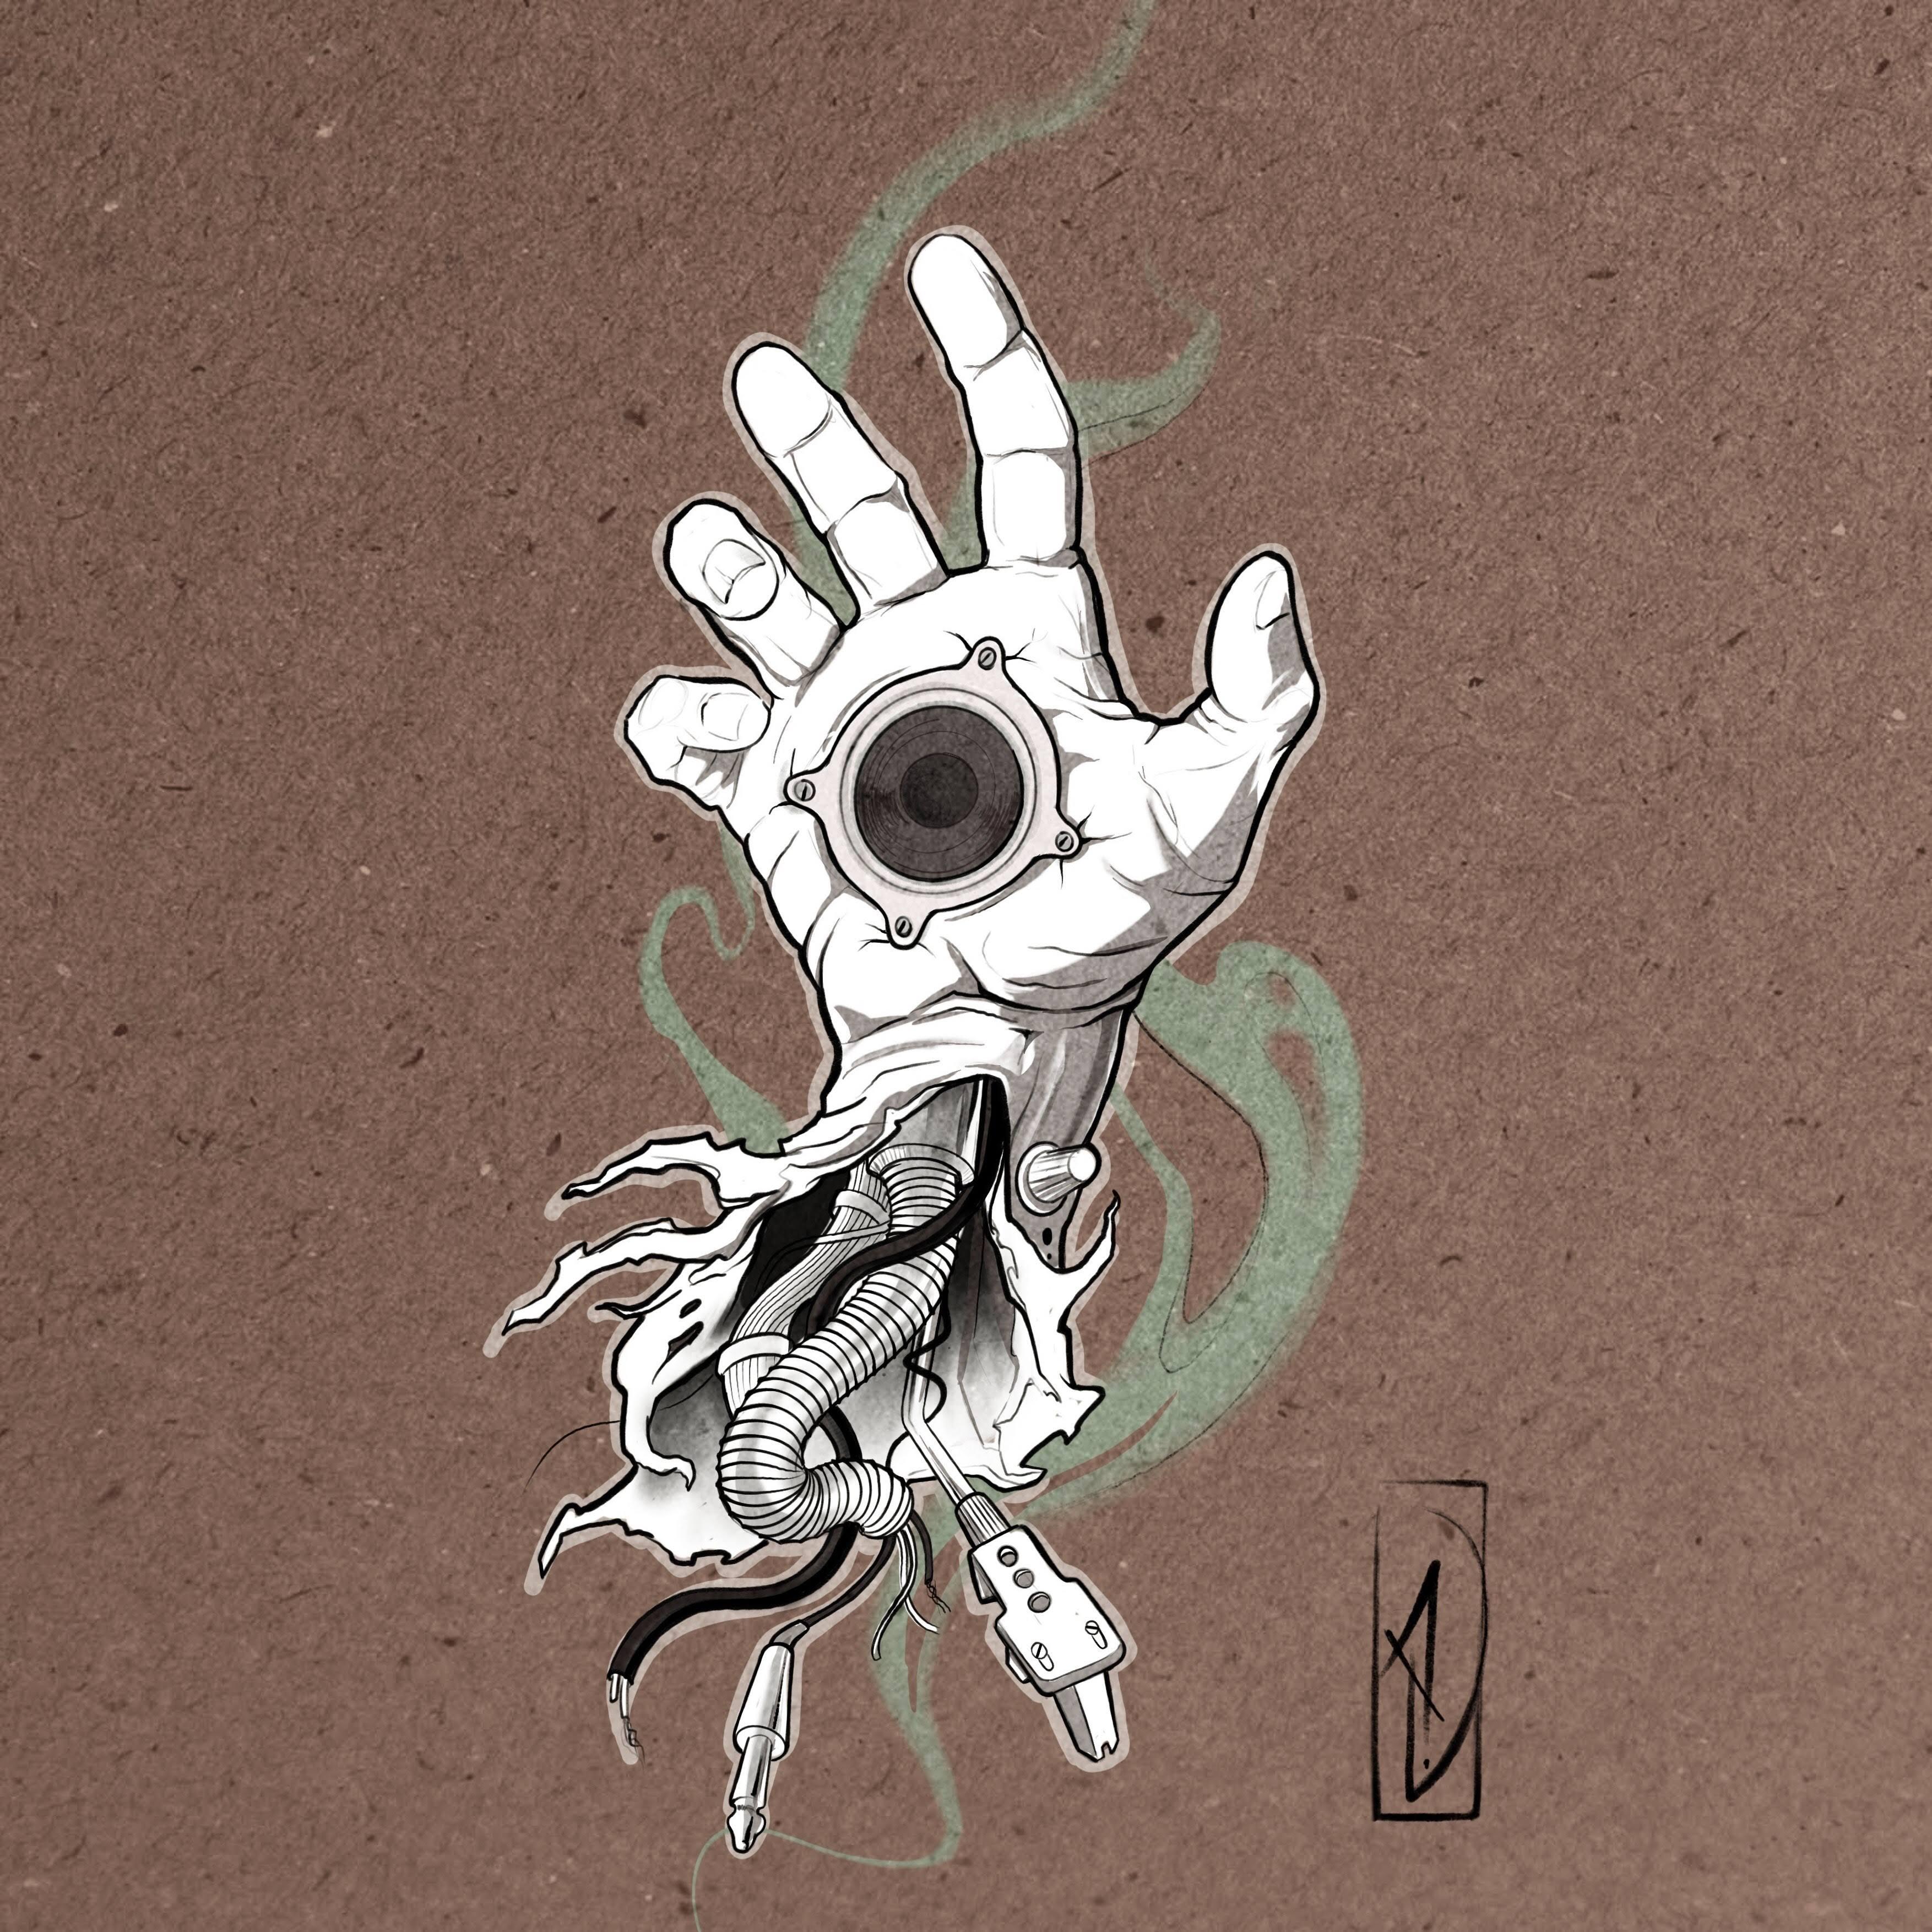 flash tattoo hand beatmaker lyon vernaison